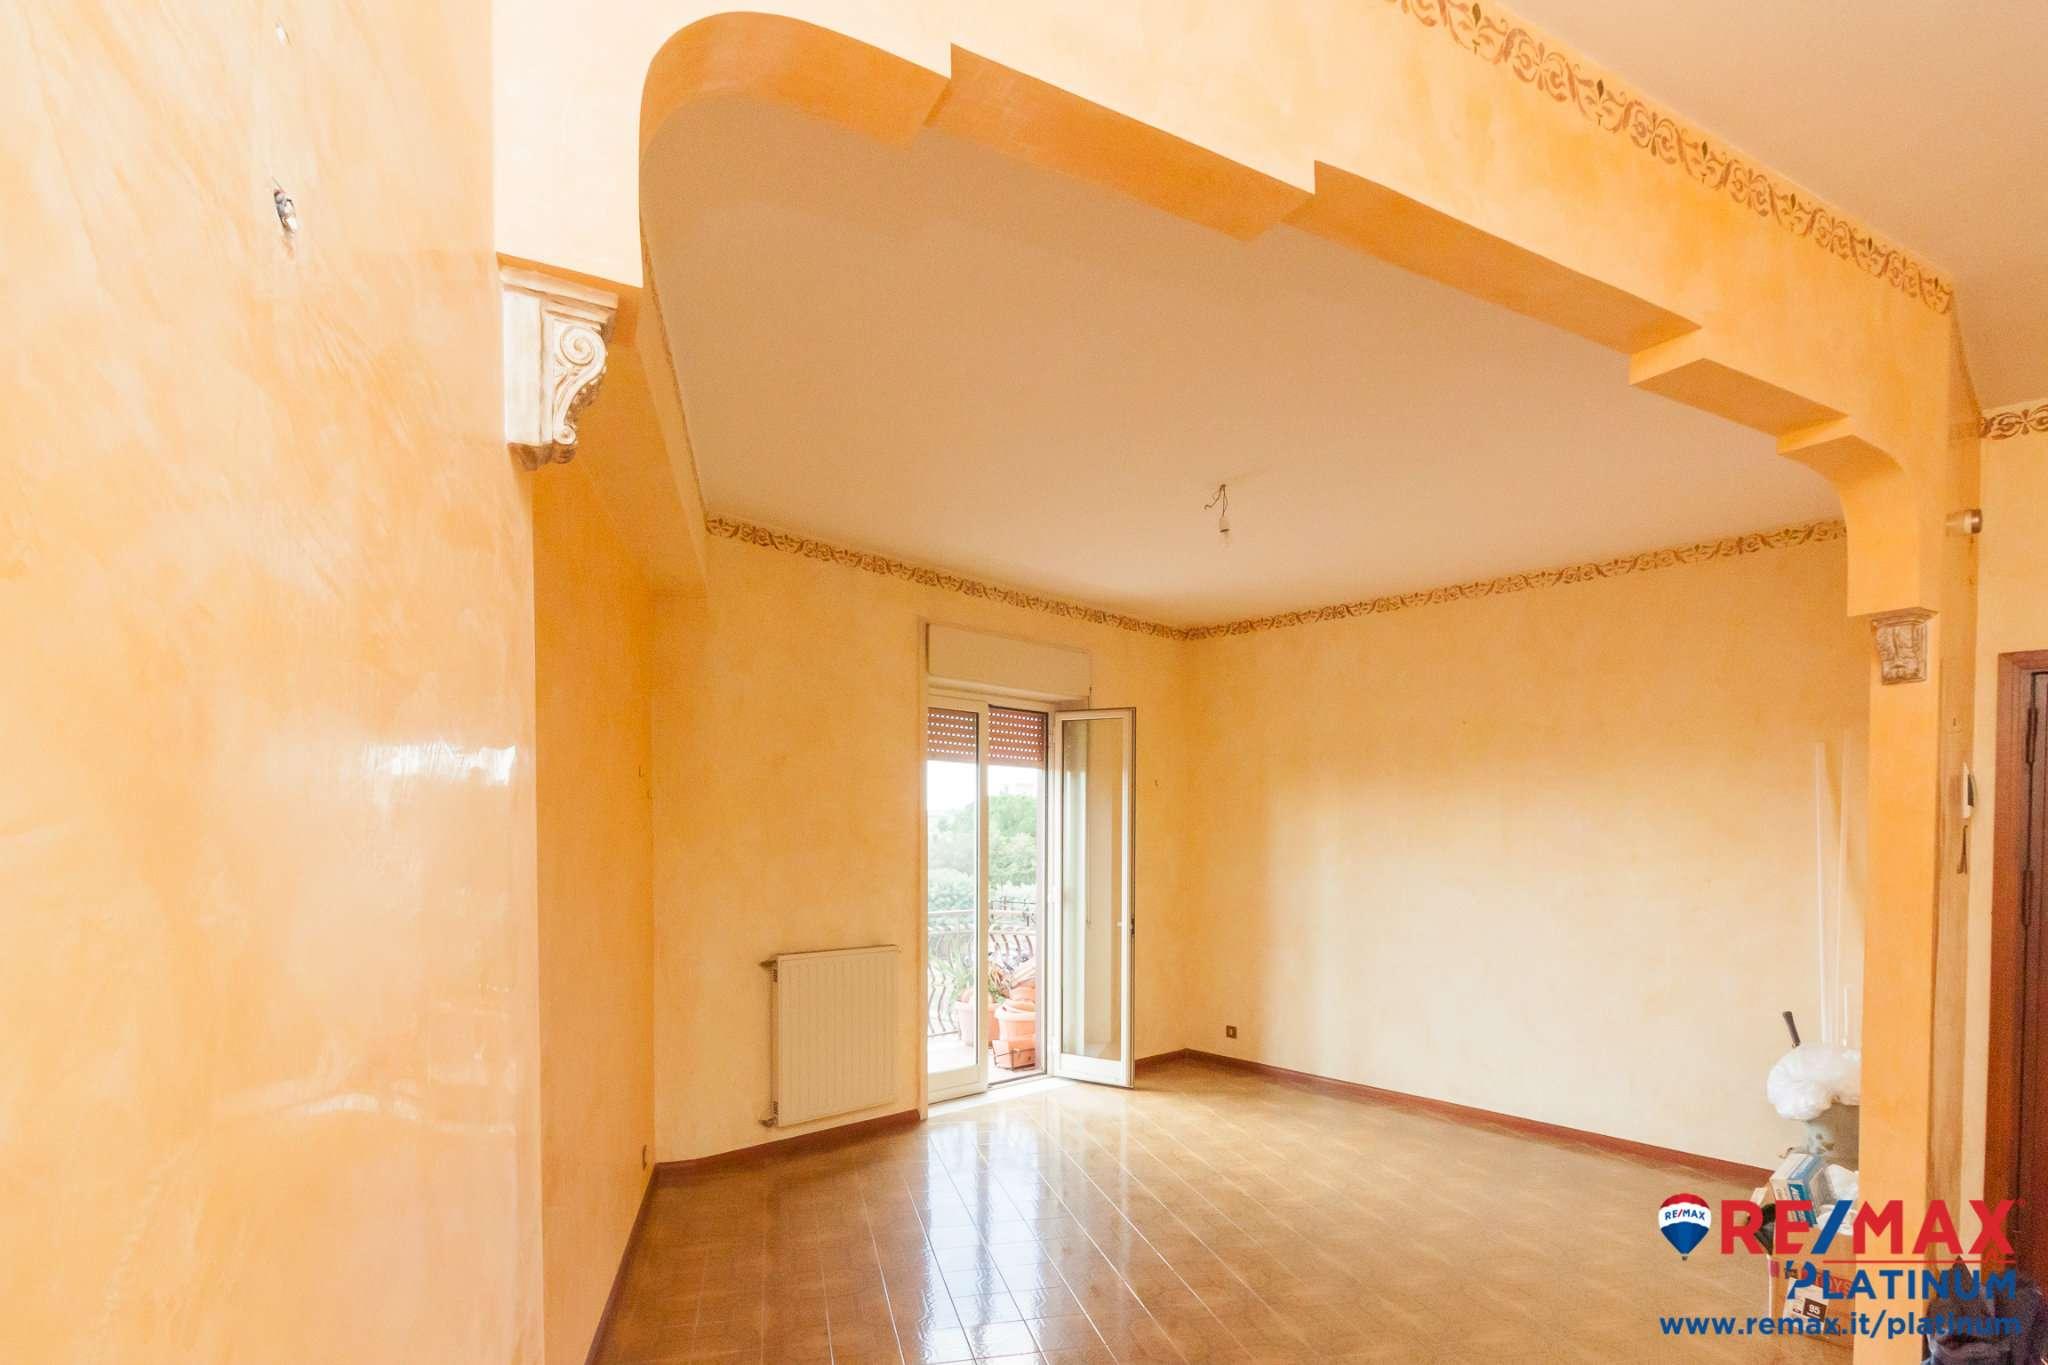 Appartamento in affitto a Mascalucia, 5 locali, prezzo € 600 | CambioCasa.it